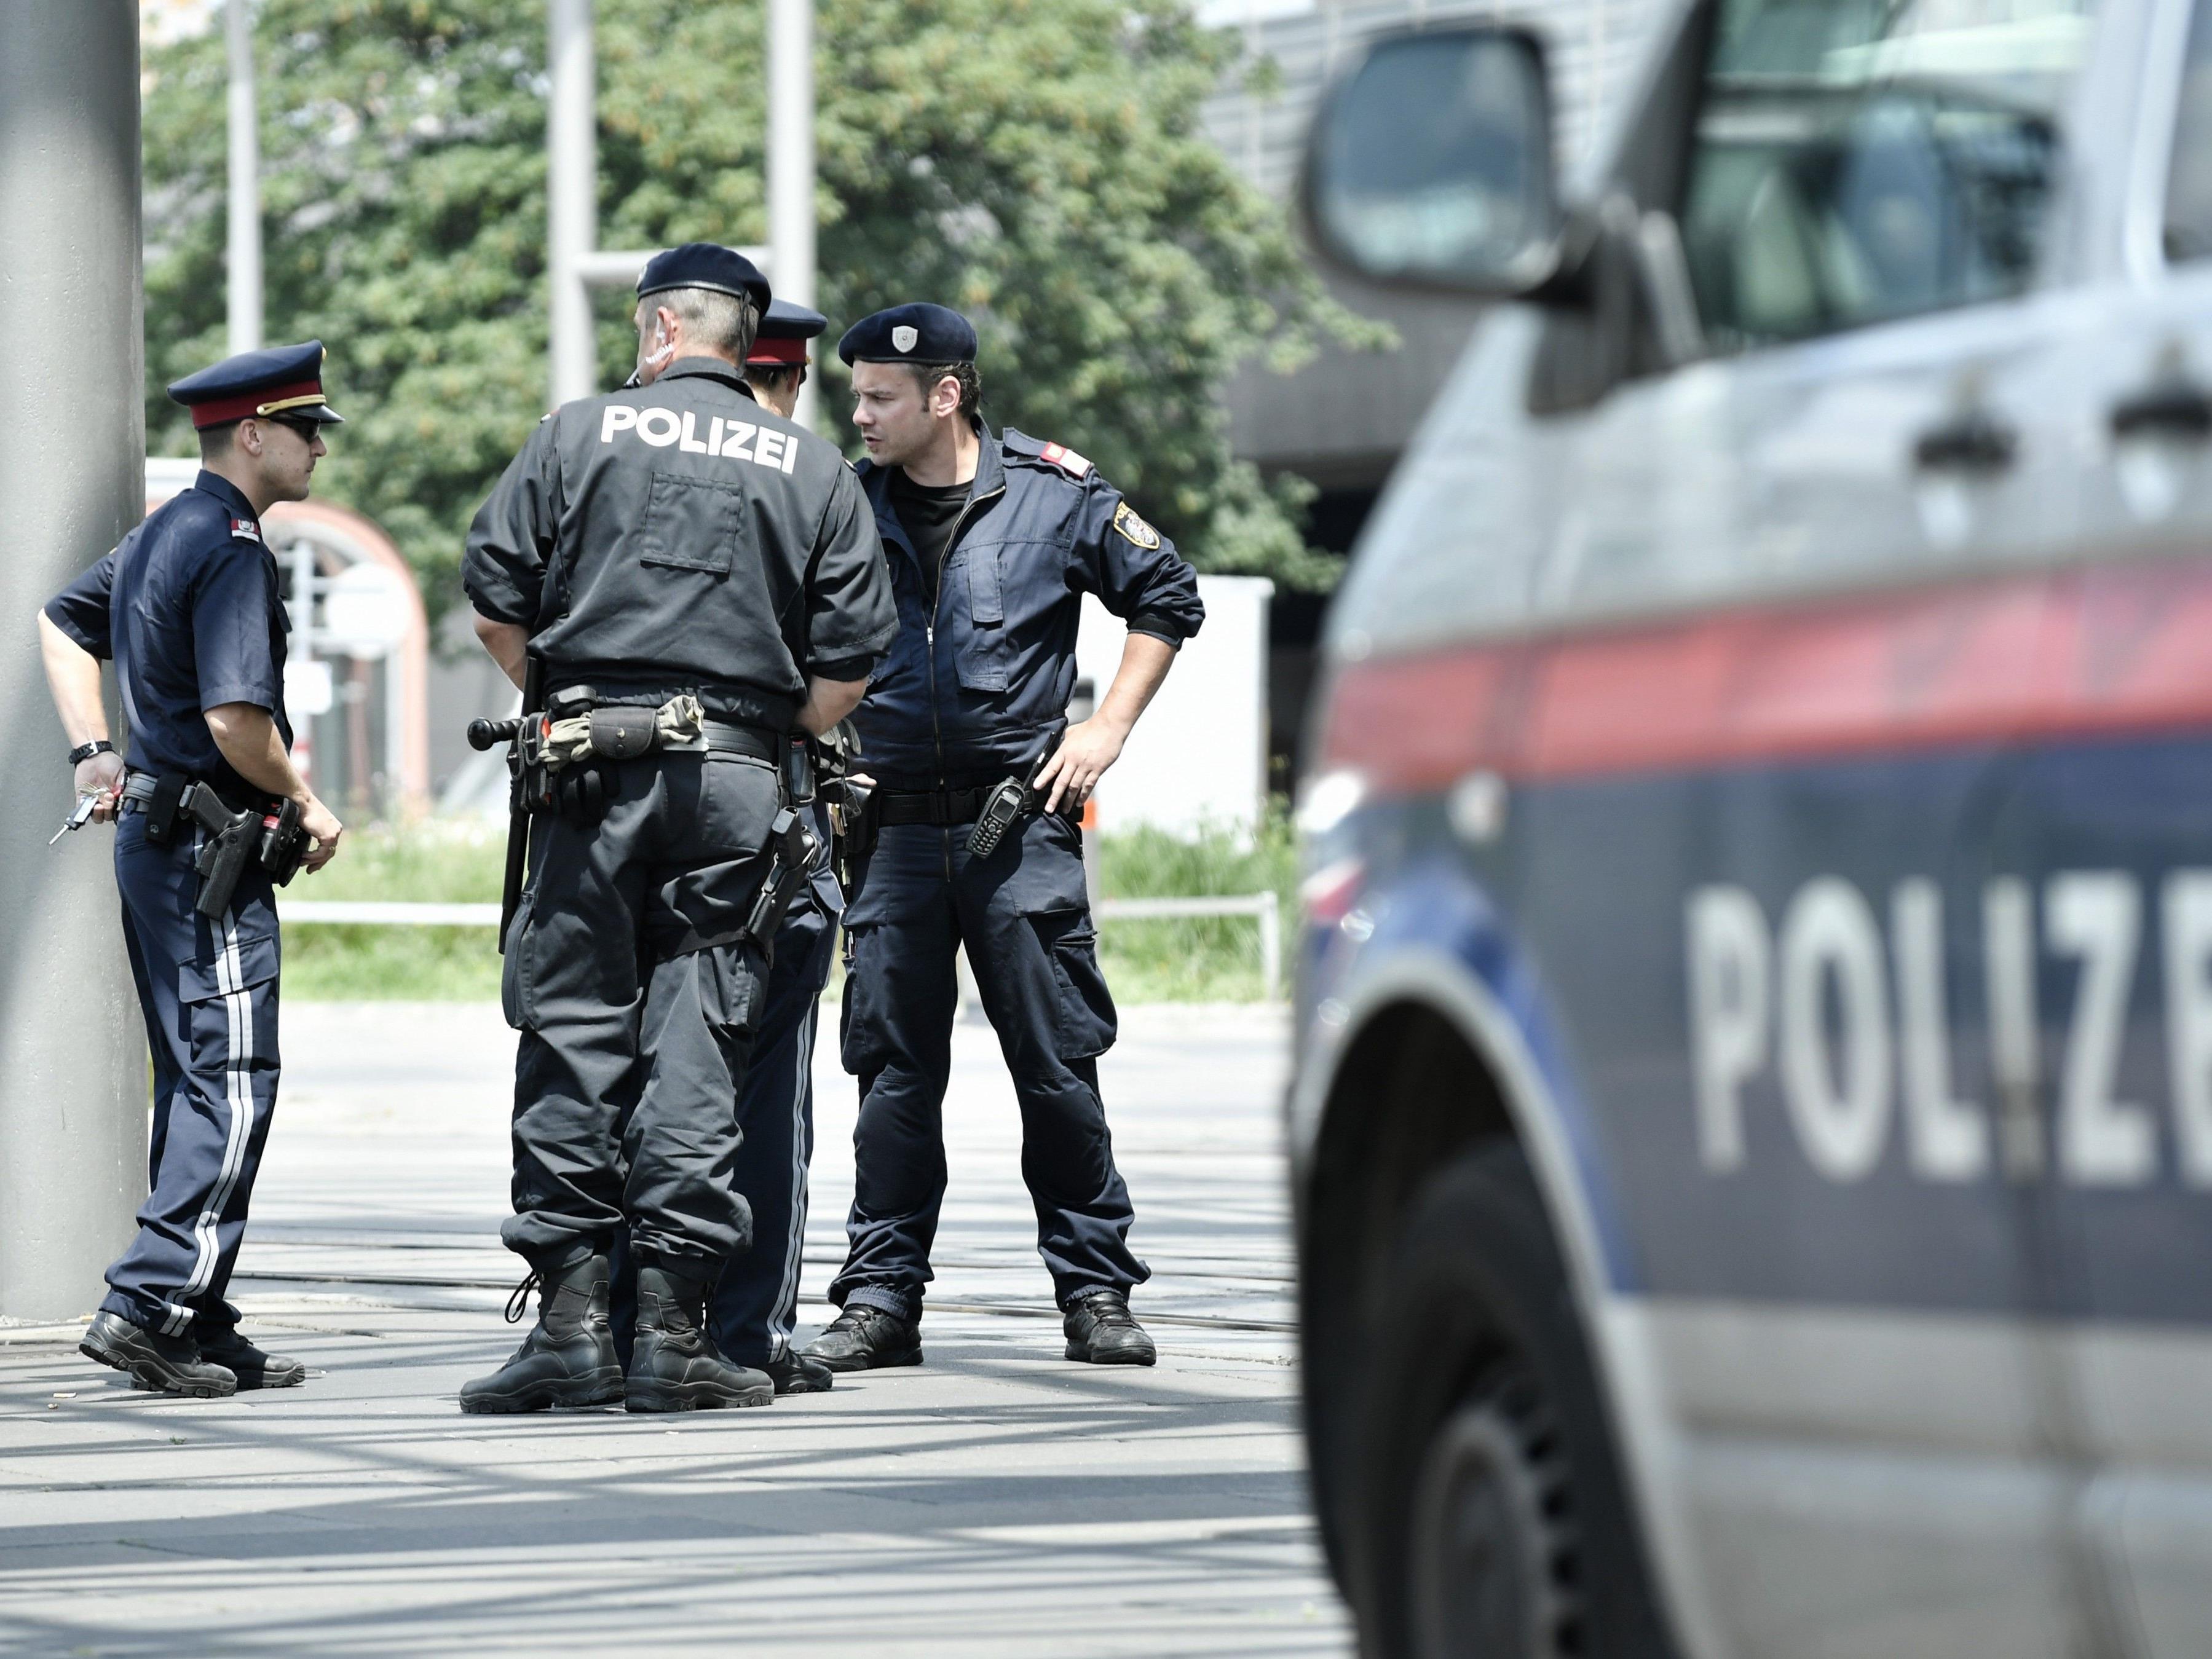 Der aggressive 21-jährige wurde festgenommen.